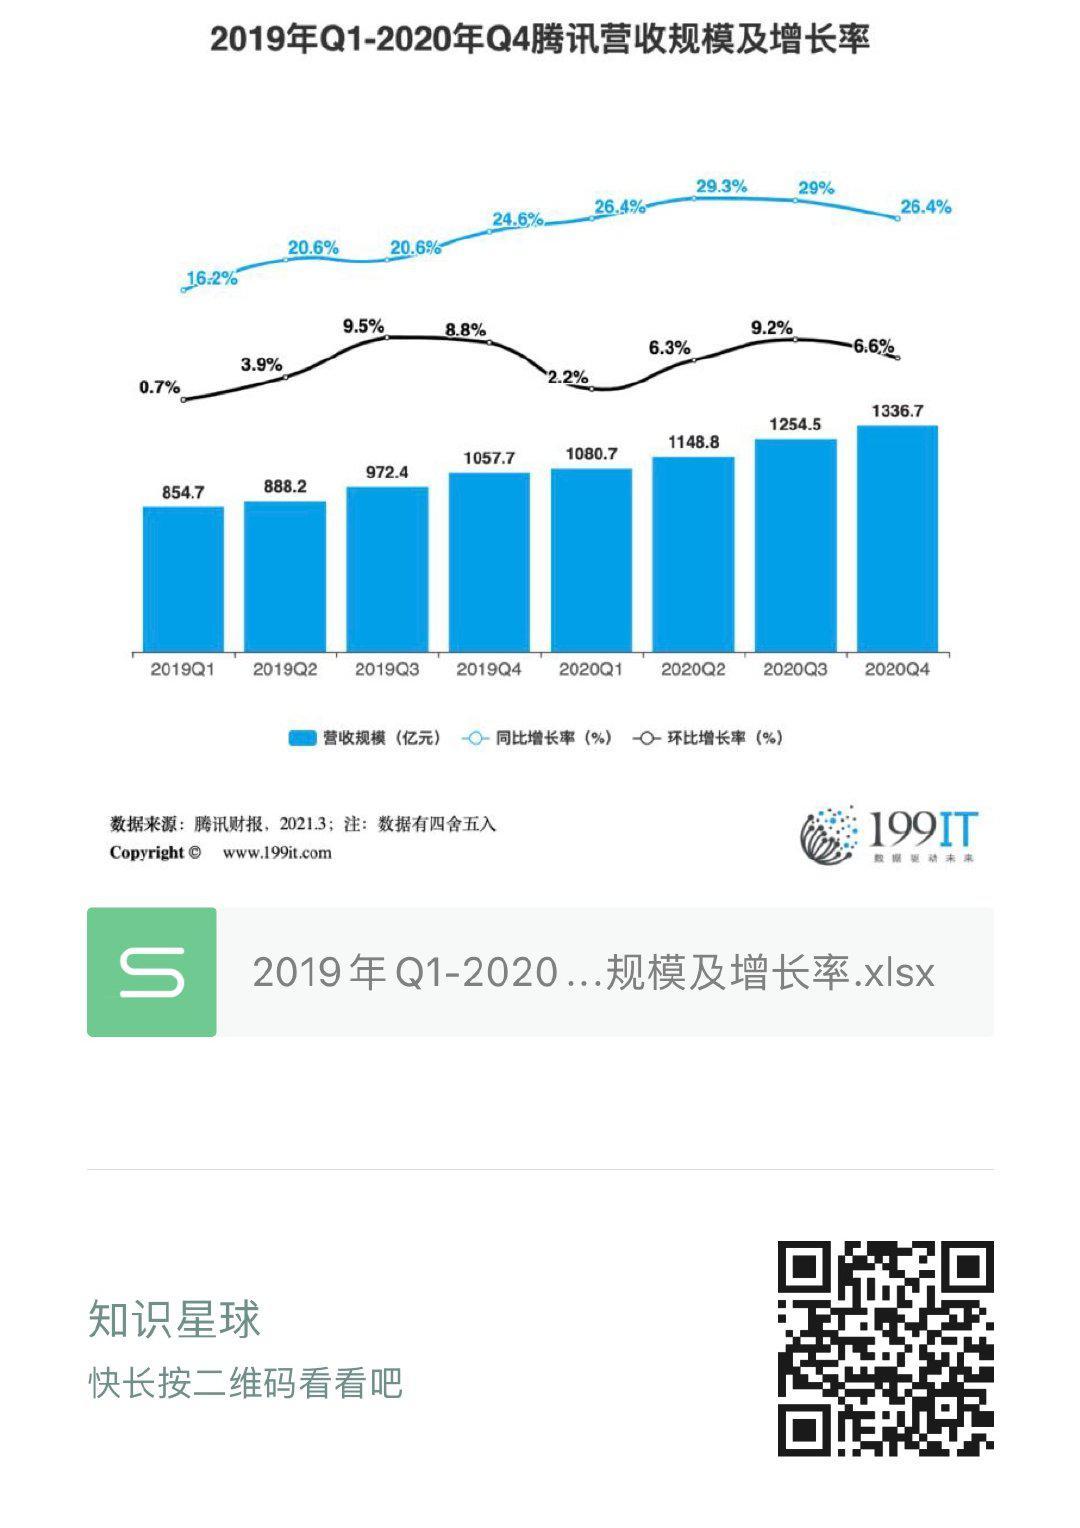 2019年Q1-2020年Q4騰訊營收規模及增長率(附原資料表) 